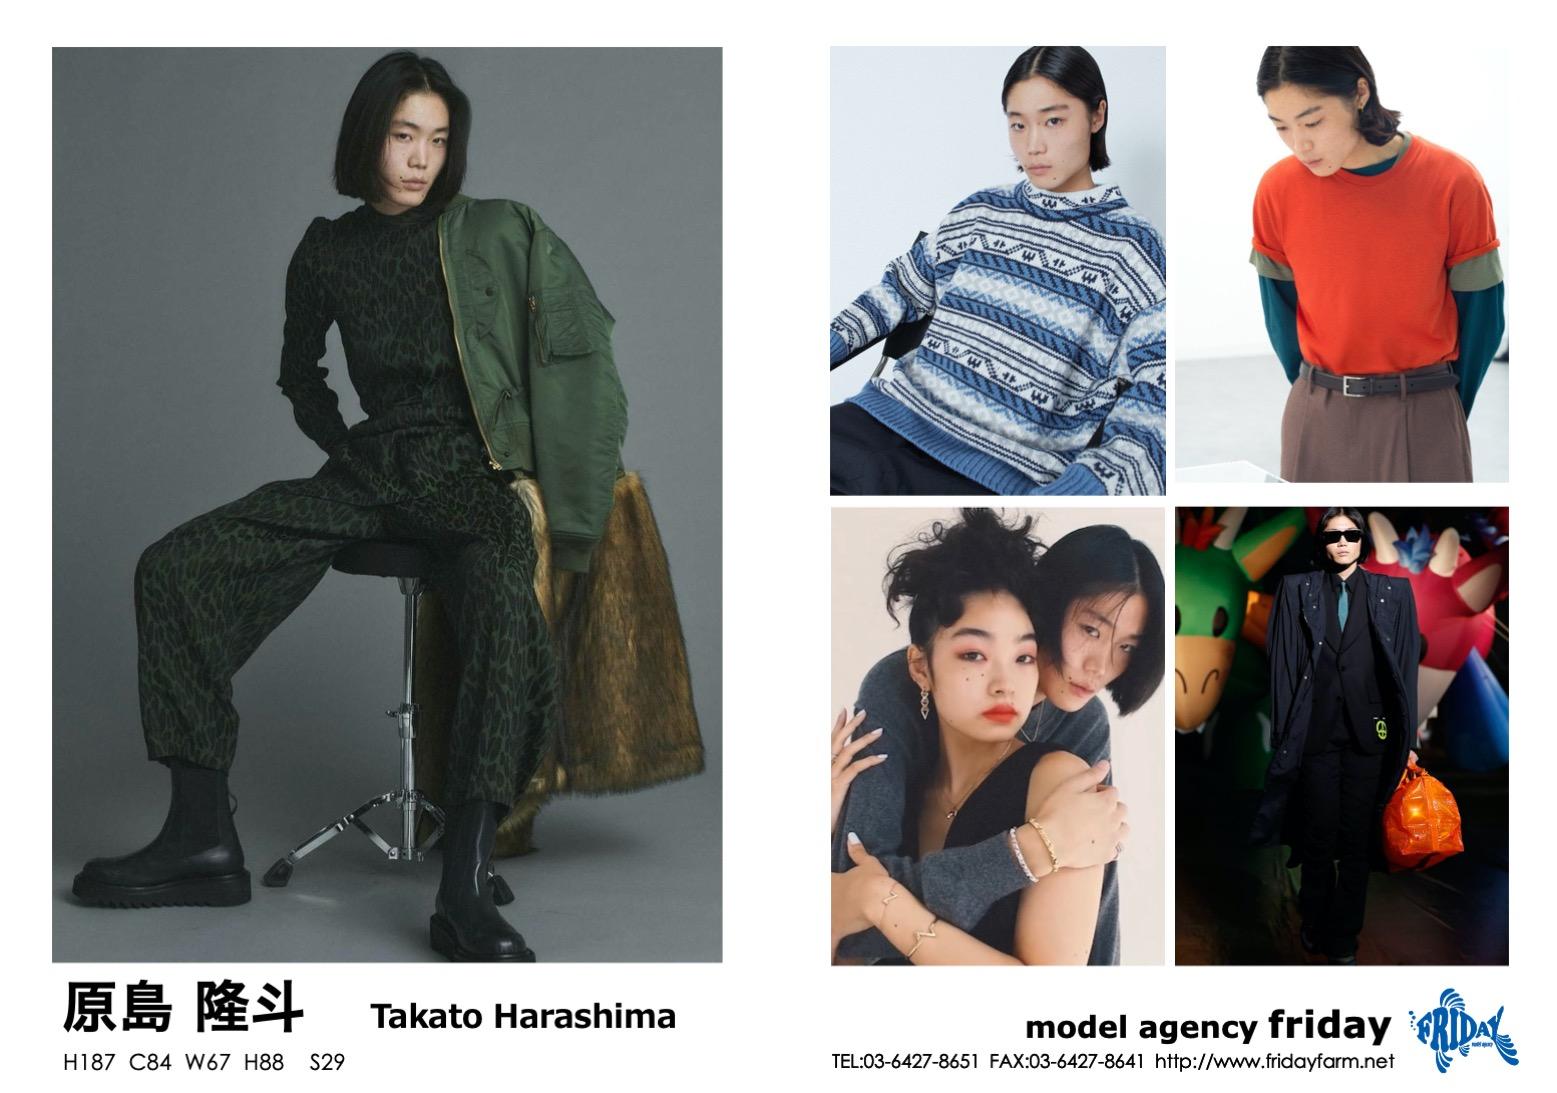 原島 隆斗 - Takato Harashima   model agency friday